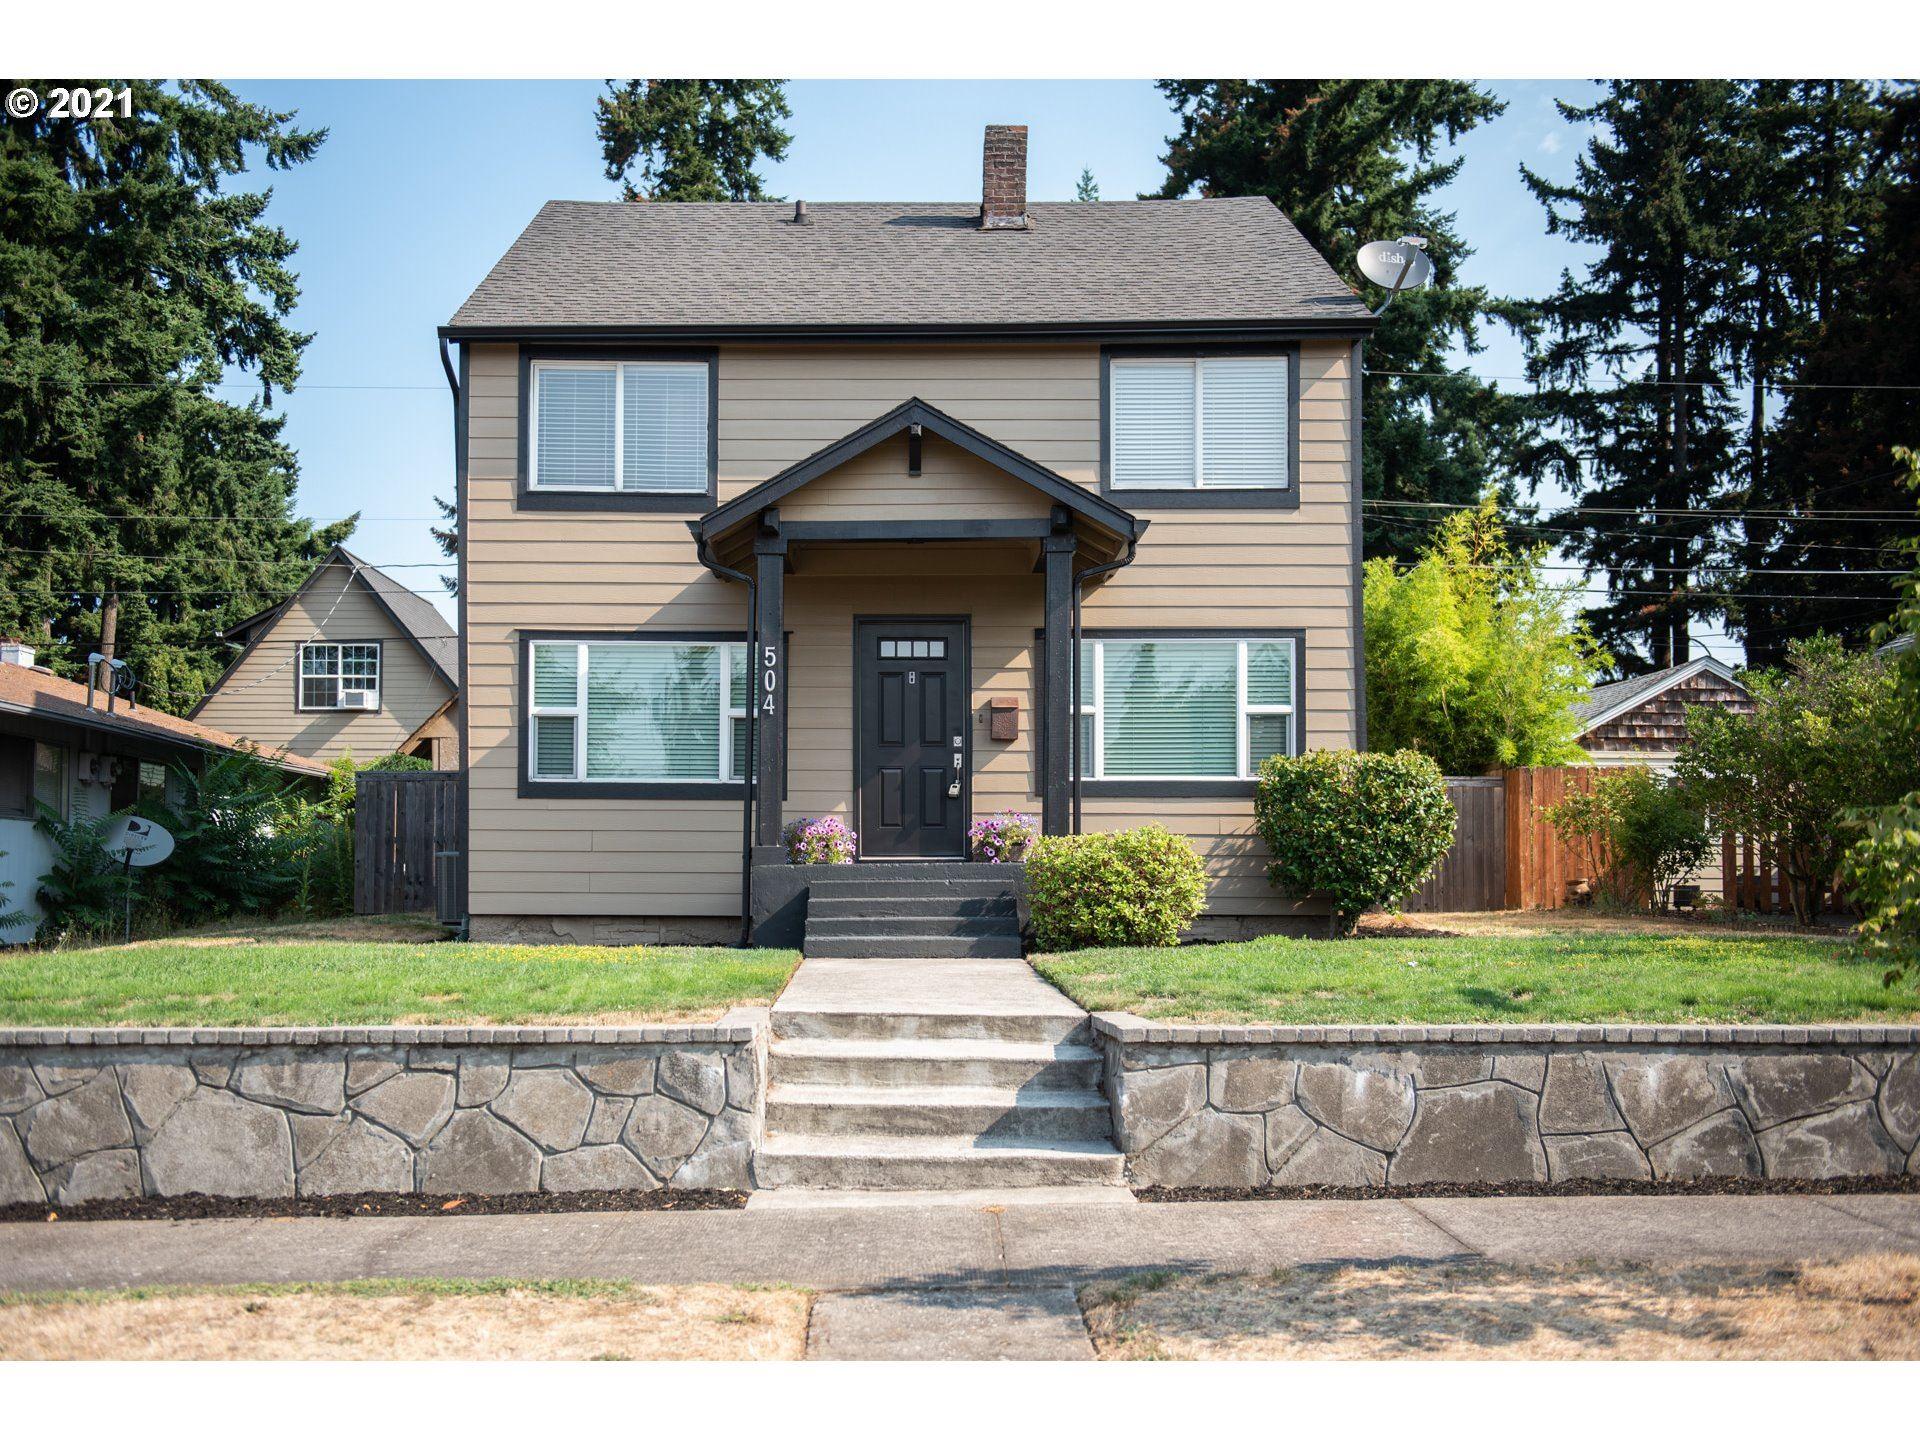 504 W 31ST ST, Vancouver, WA 98660 - MLS#: 21041592